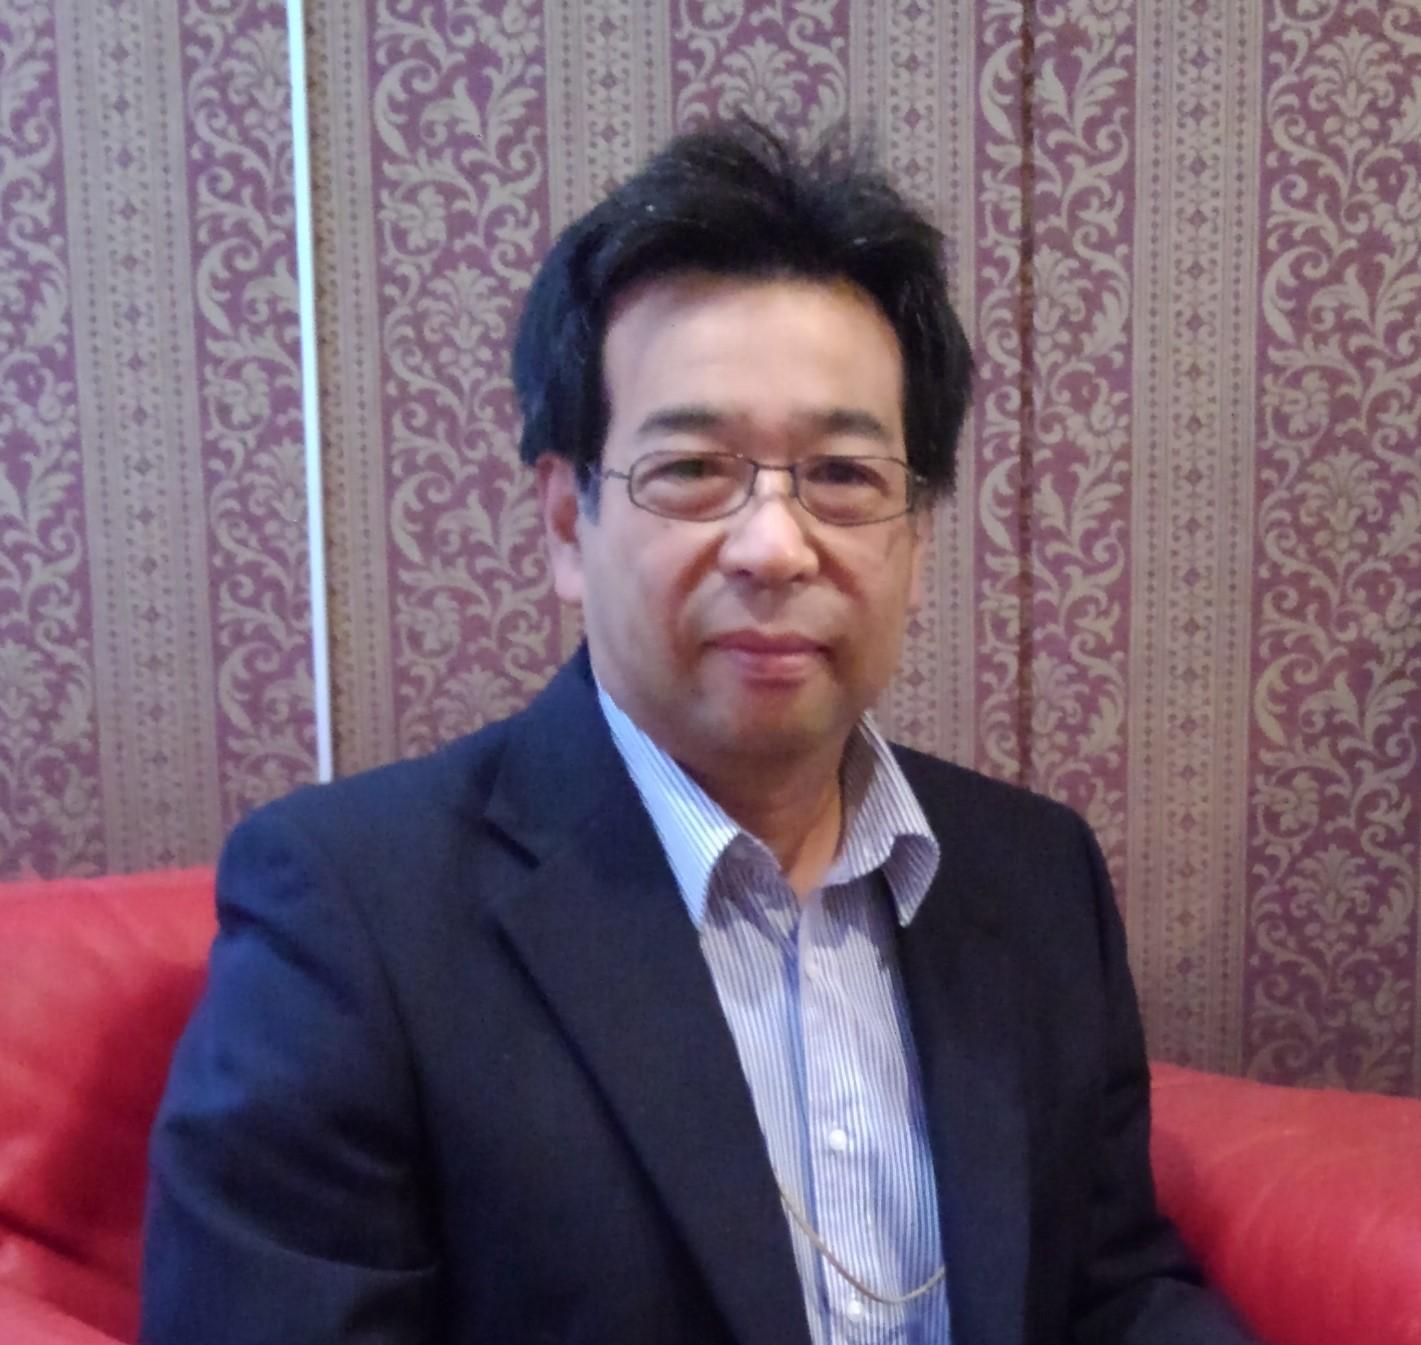 ㈱関東整備 代表取締役 栃木県在住 原田様